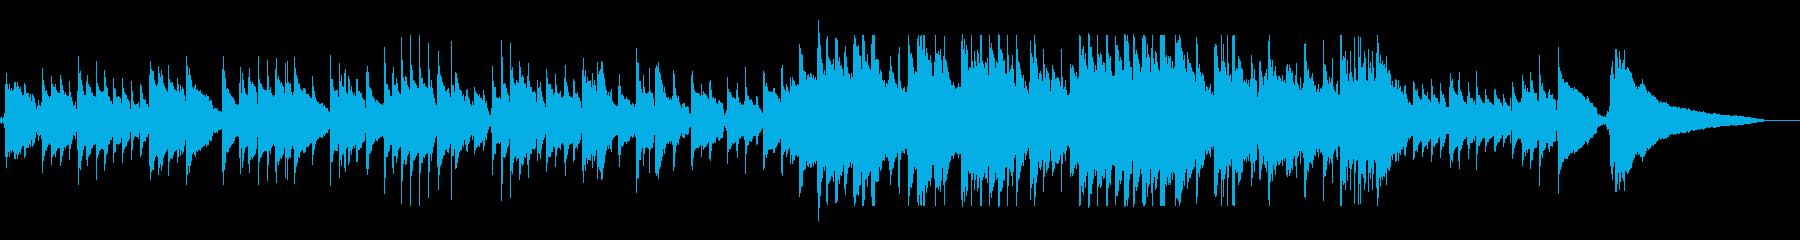 アコースティックで温かいクリスマスBGMの再生済みの波形